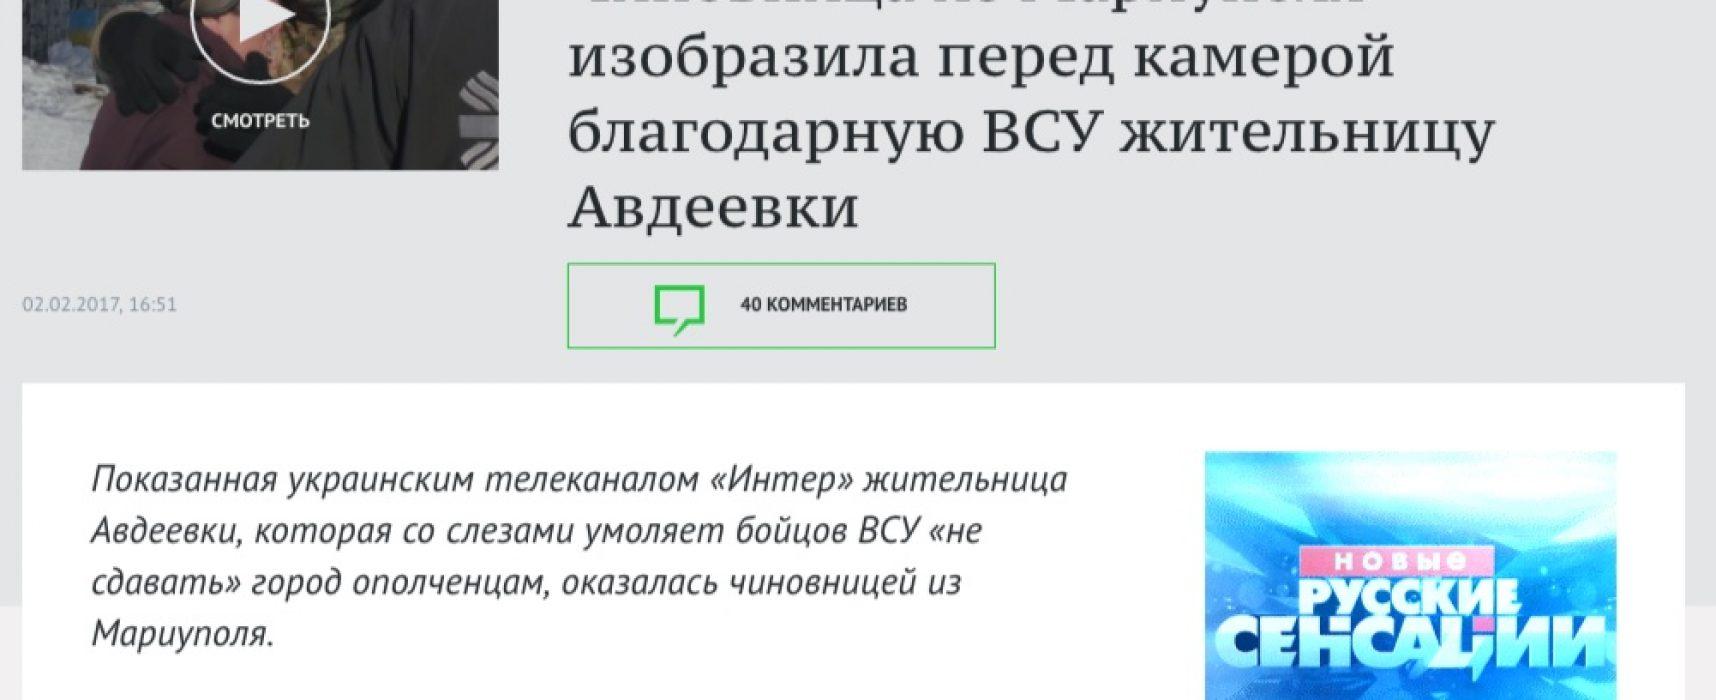 Фейк: Мариупольская чиновница притворилась жительницей Авдеевки, чтобы поблагодарить ВСУ